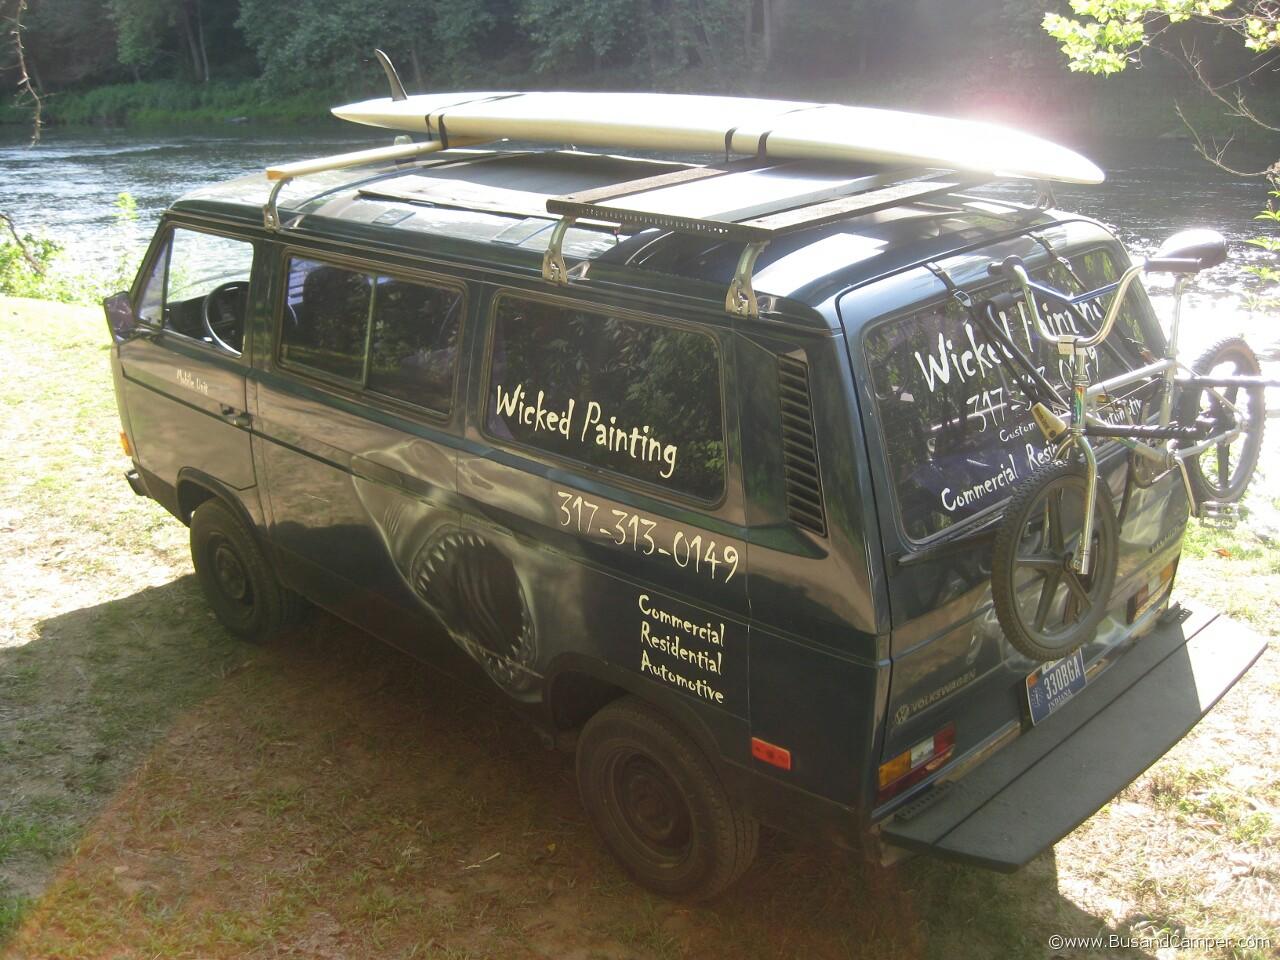 Wicked painting Van